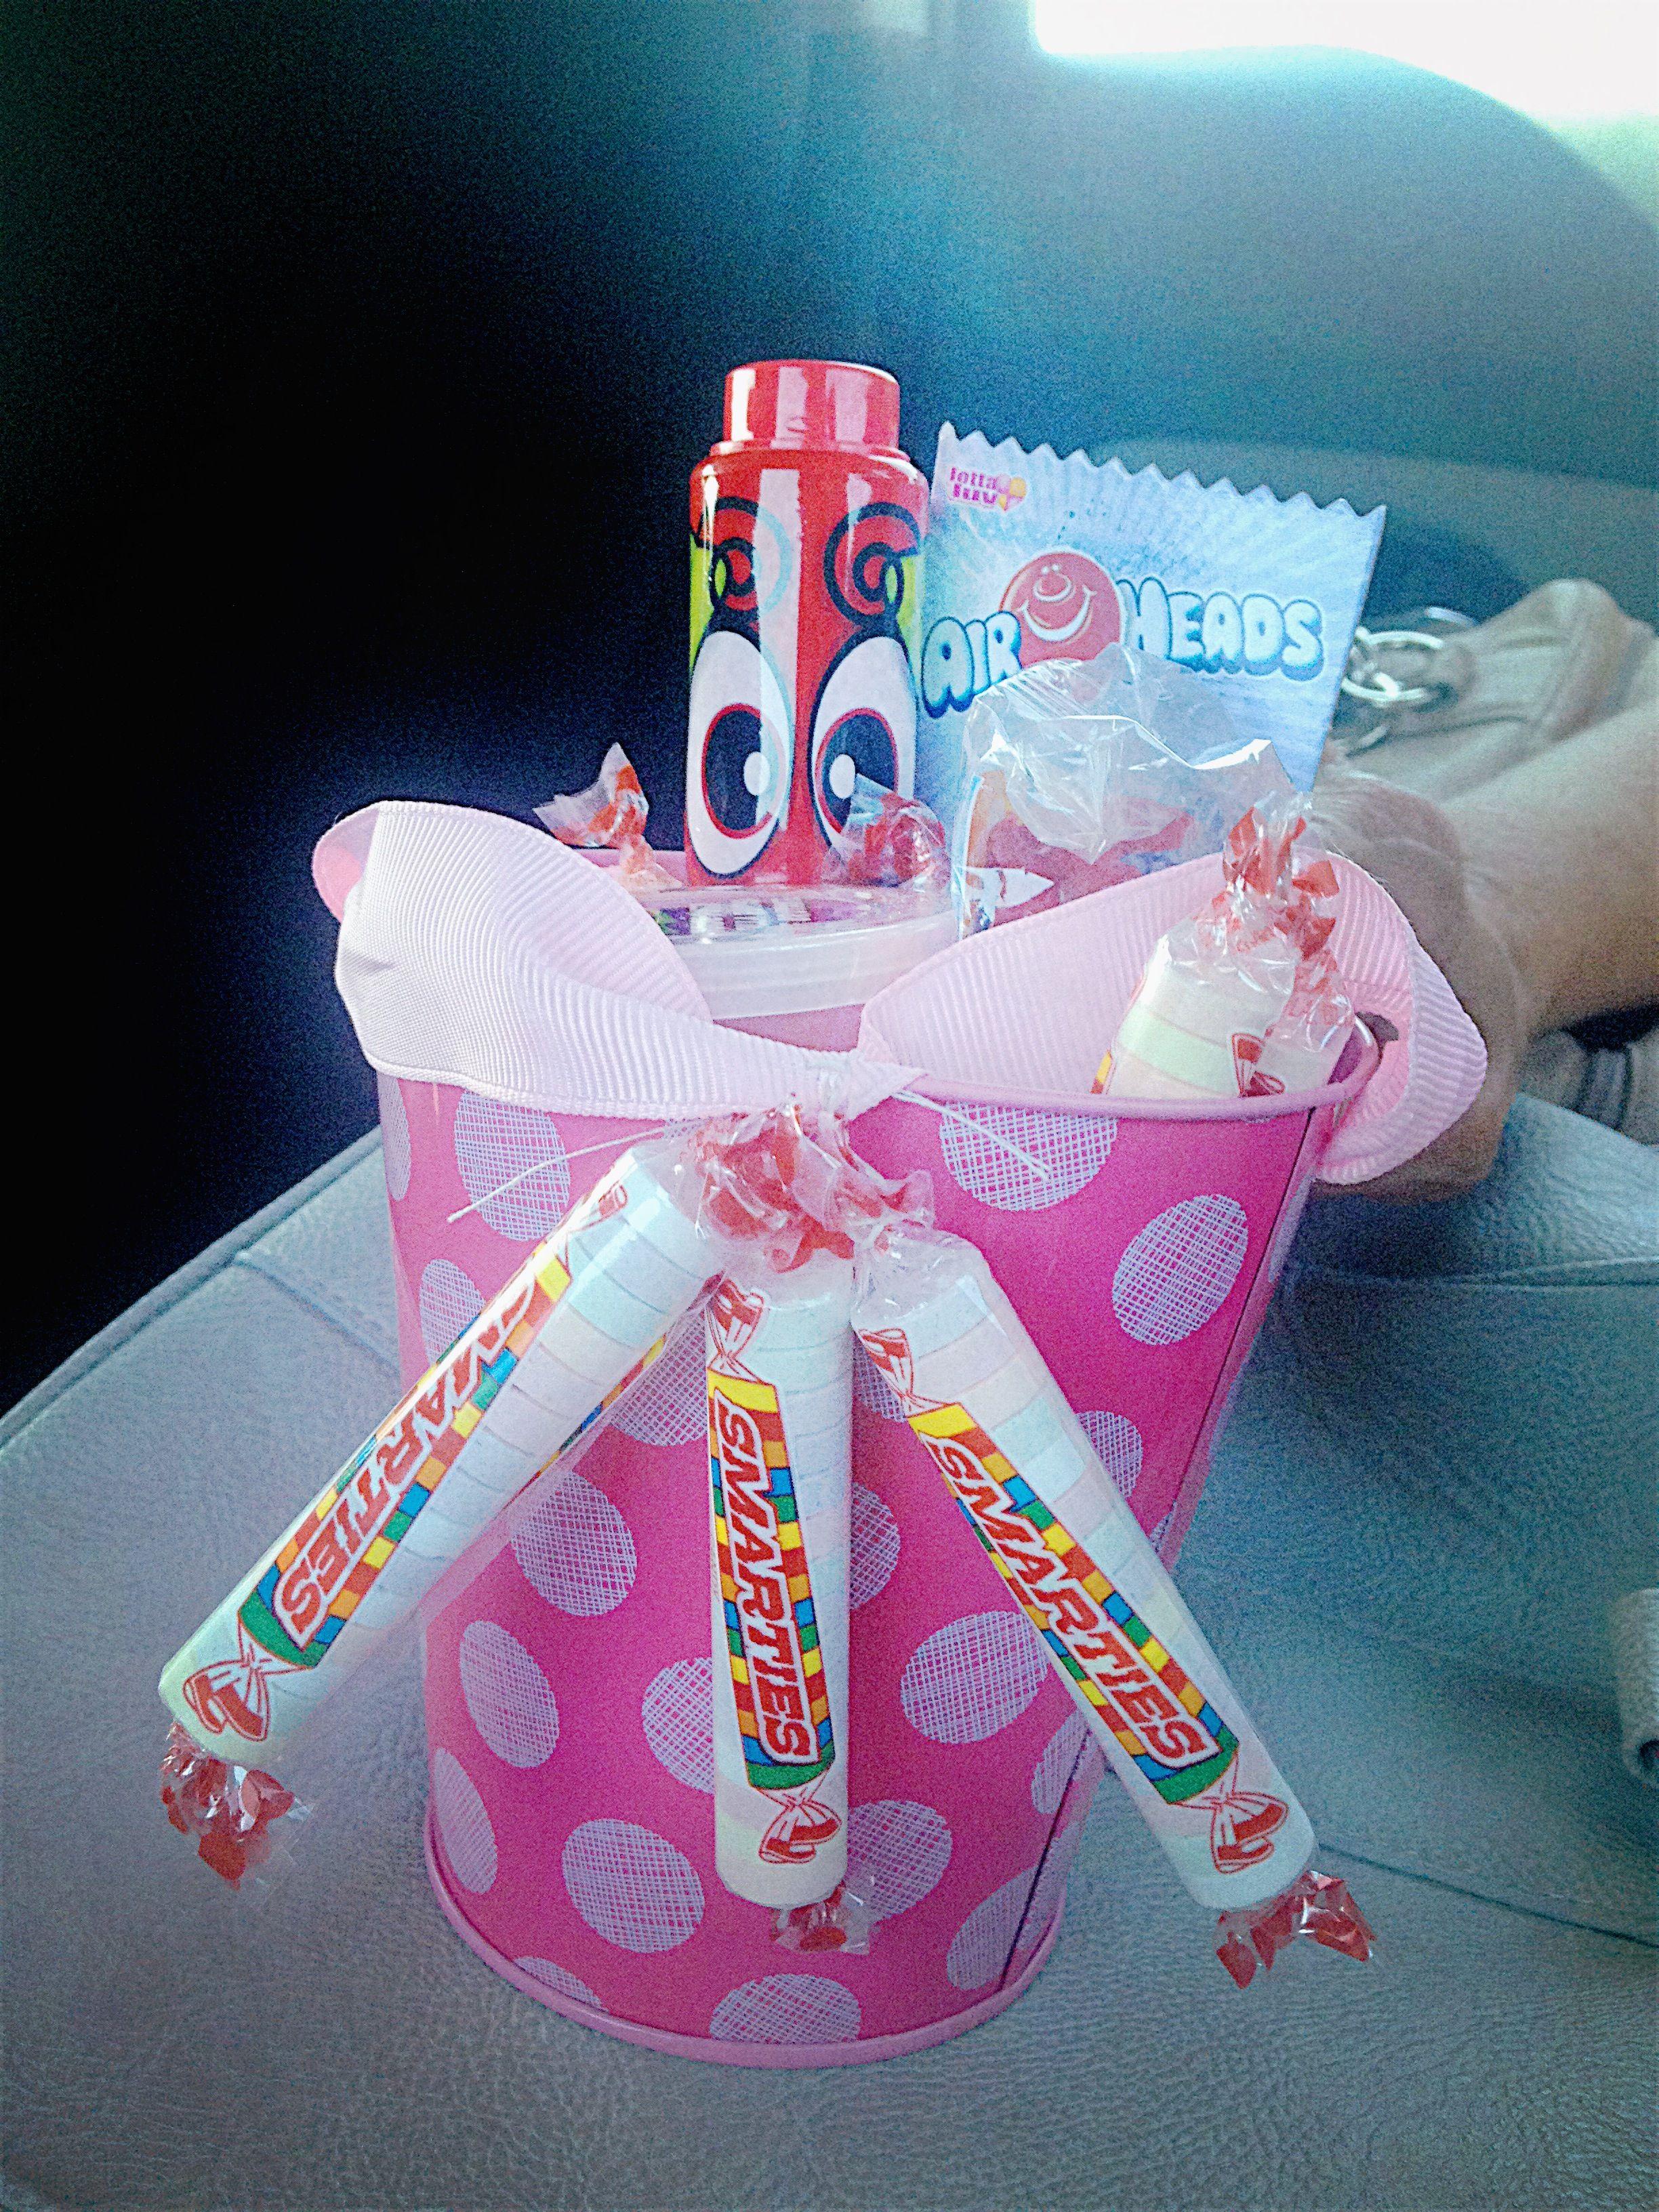 Kindergarten graduation gift smarties are a must